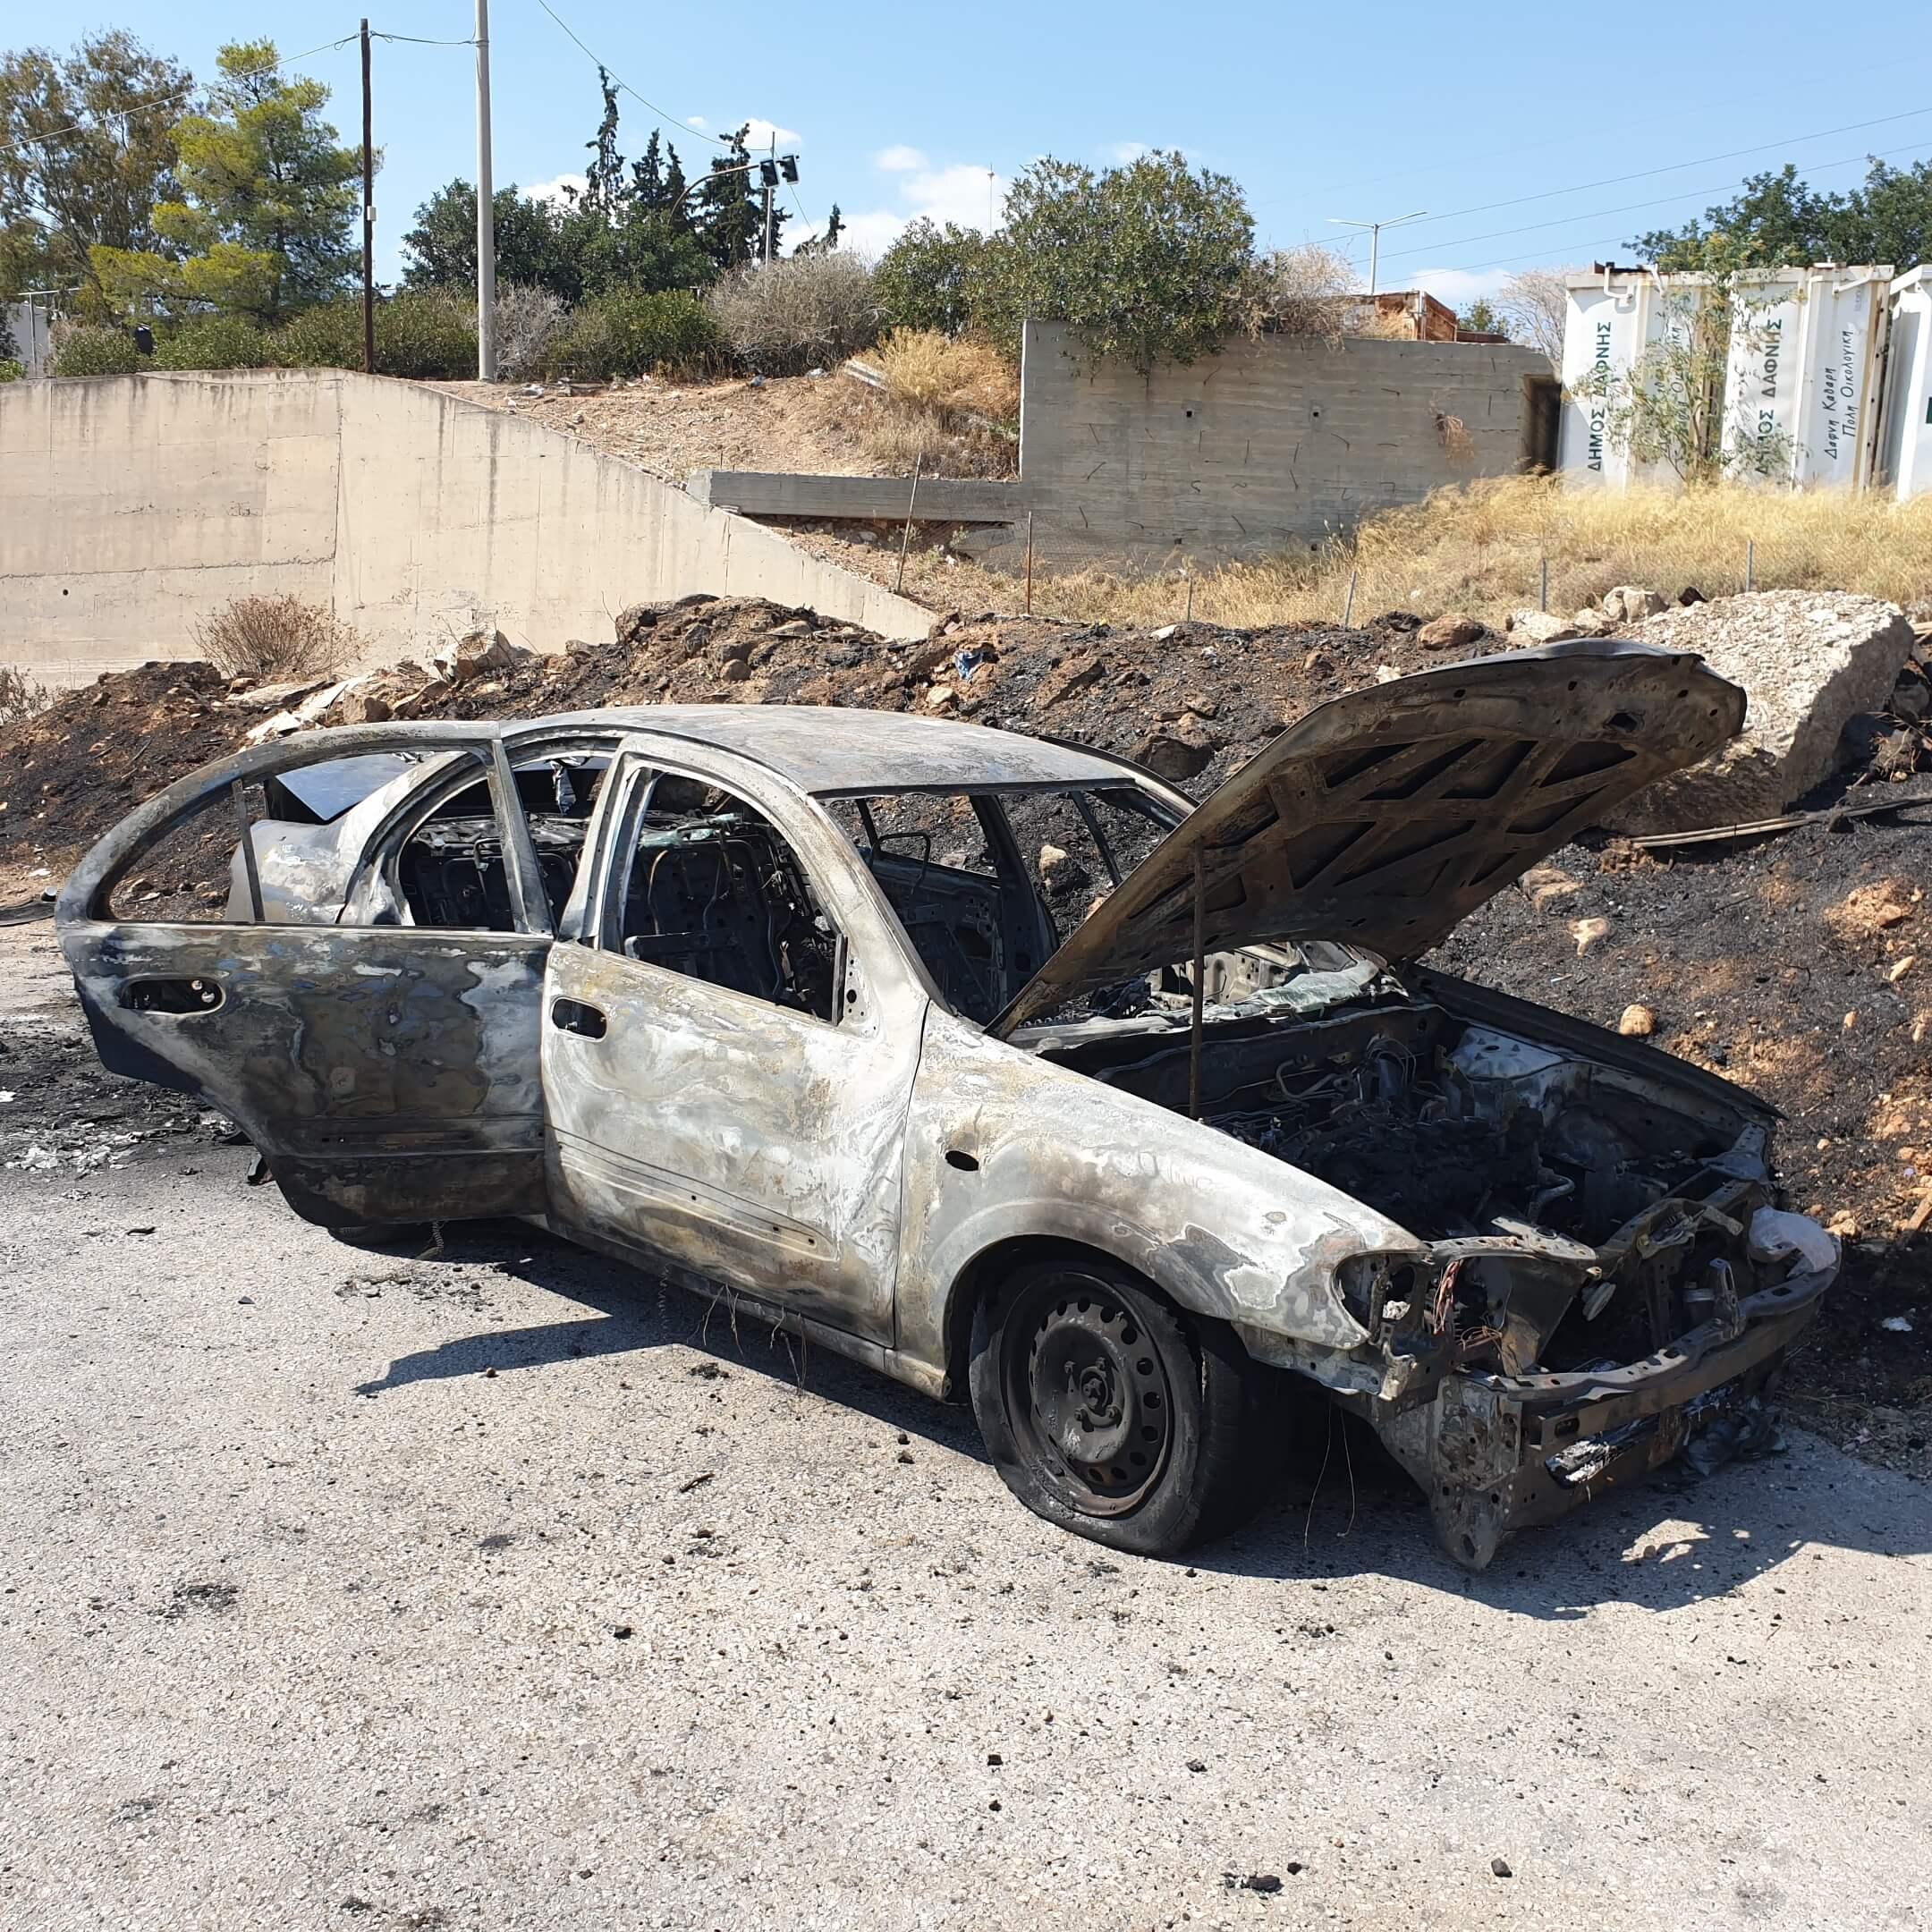 Βρέθηκε καμένο το αμάξι του δολοφονημένου Περαματιώτη (photos)